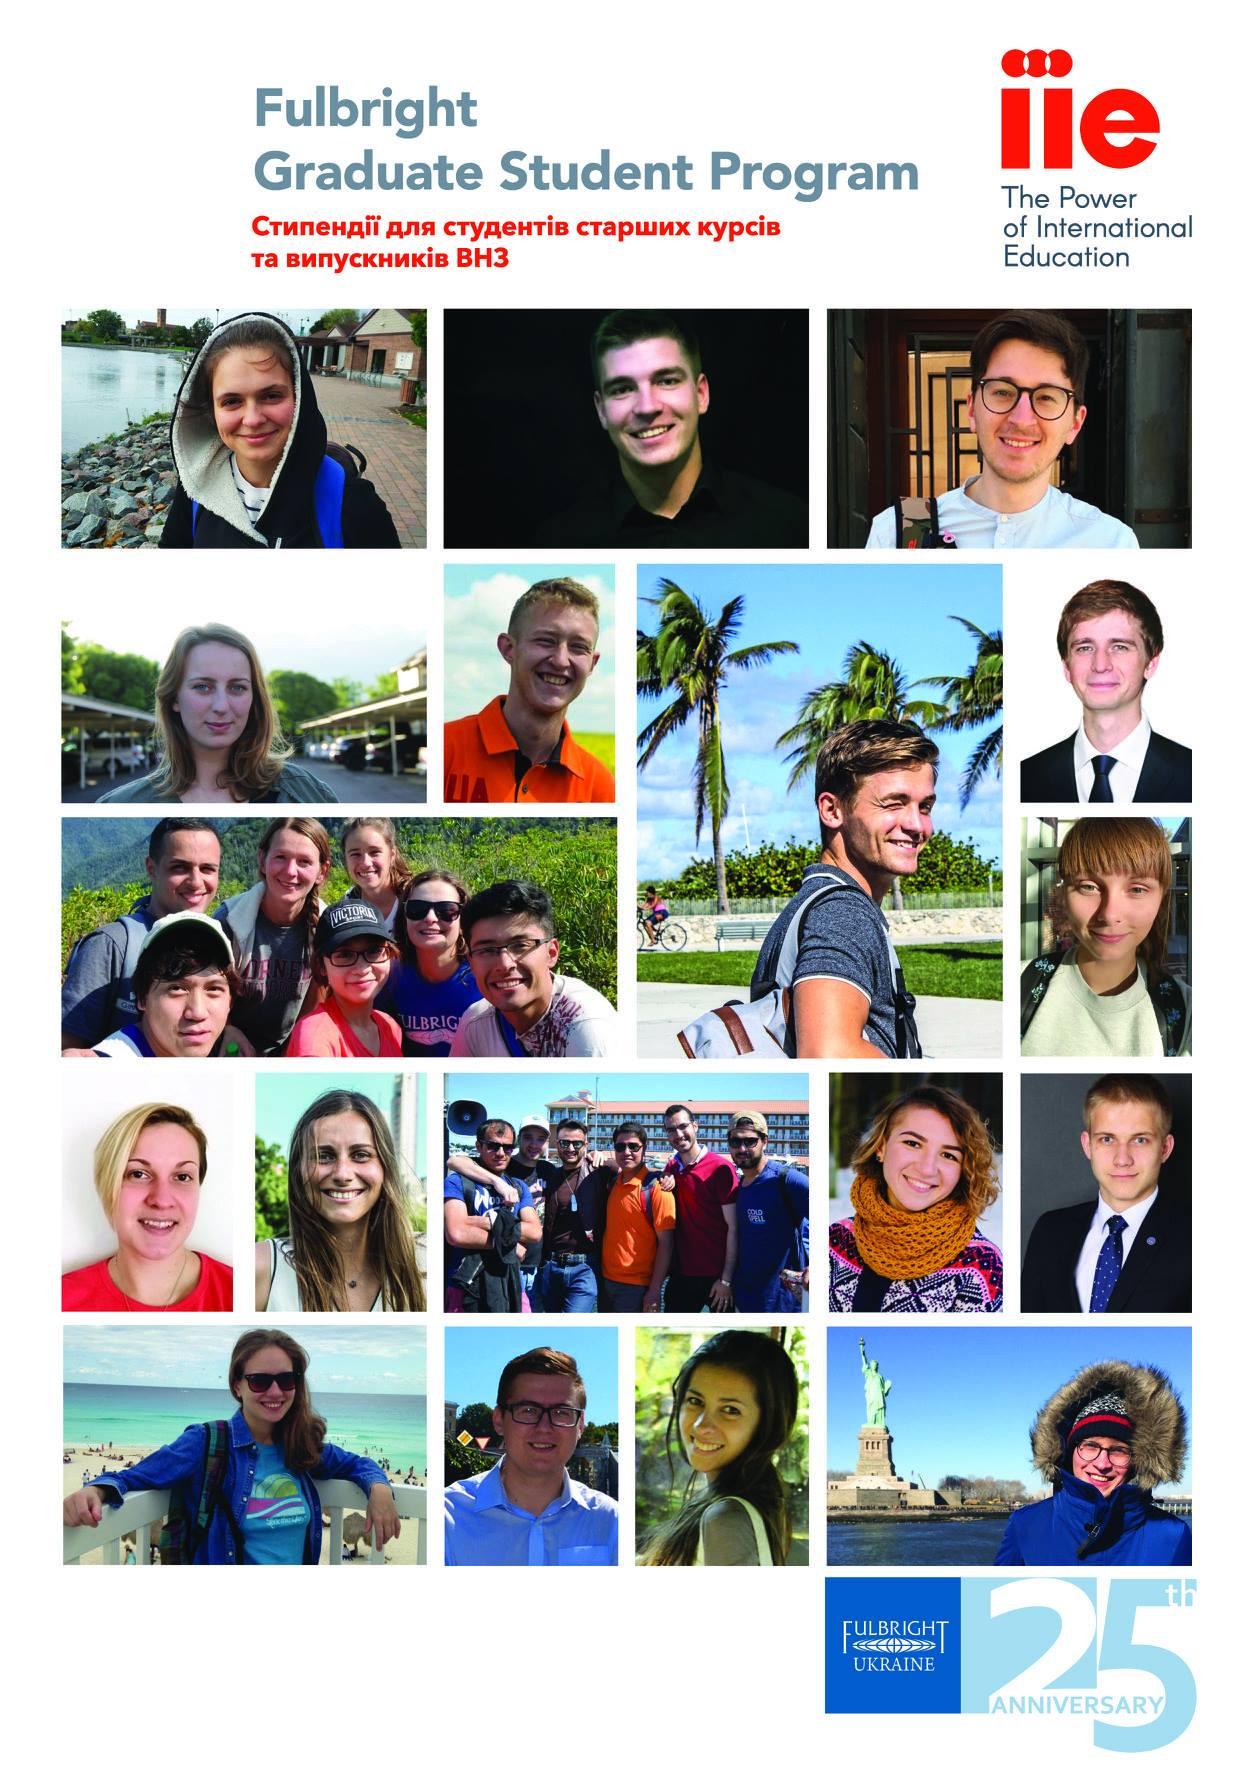 Розпочато прийом документів на конкурс Fulbright Graduate Student Program!